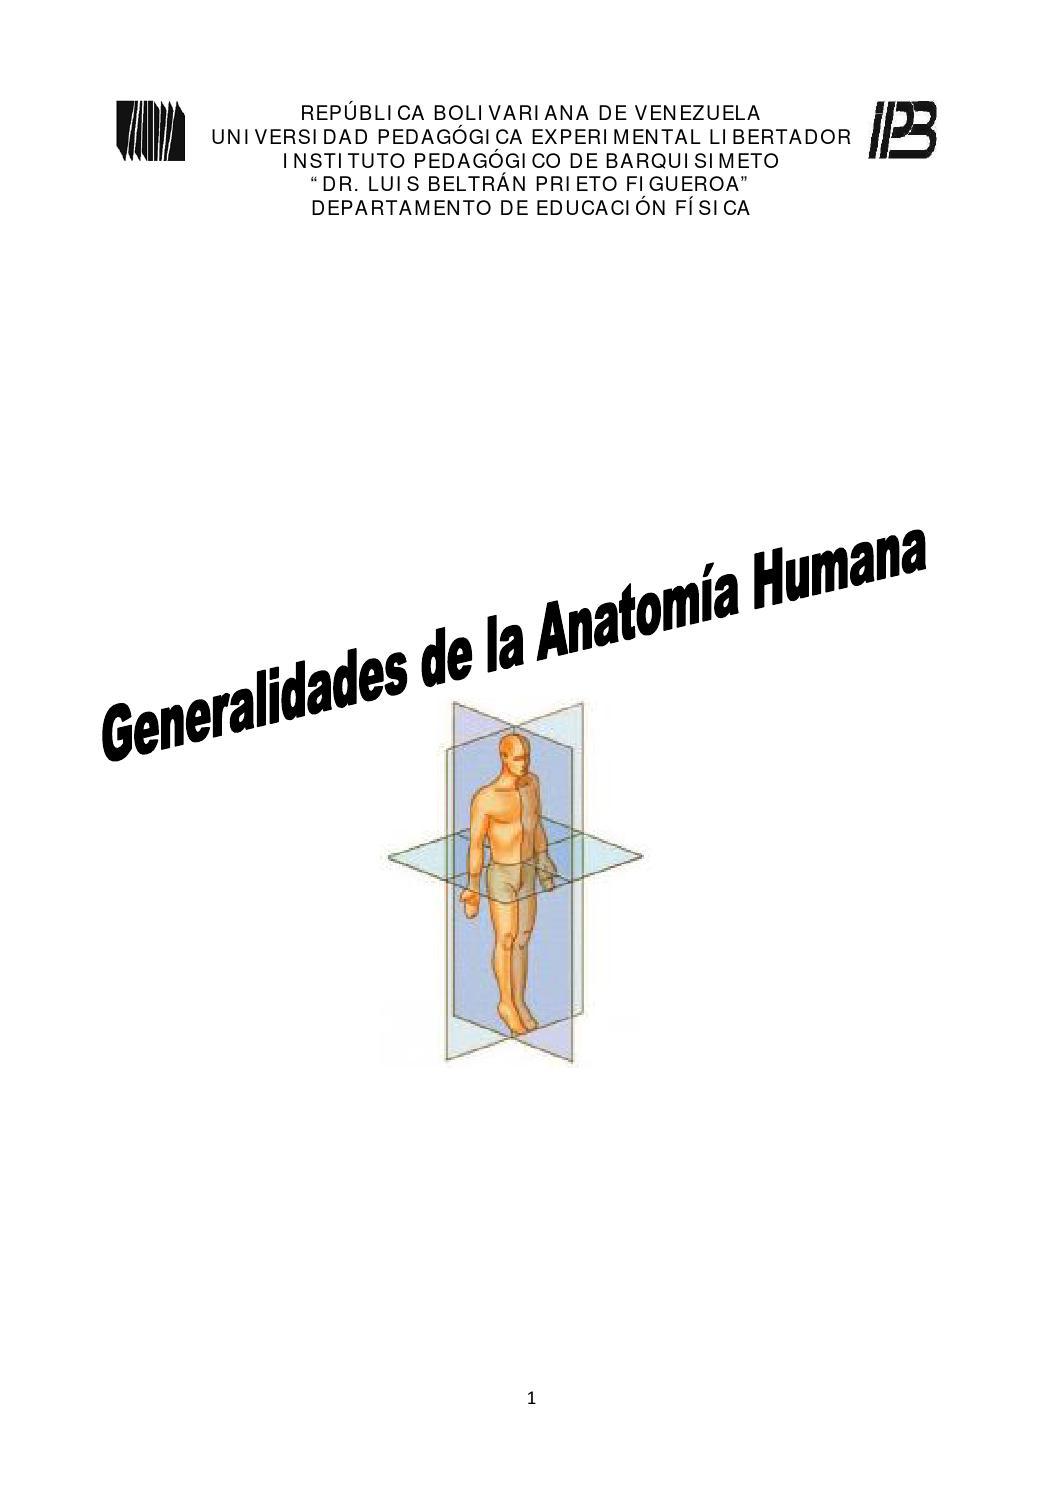 Generalidades de la anatomía humana by Mariel Castillo - issuu